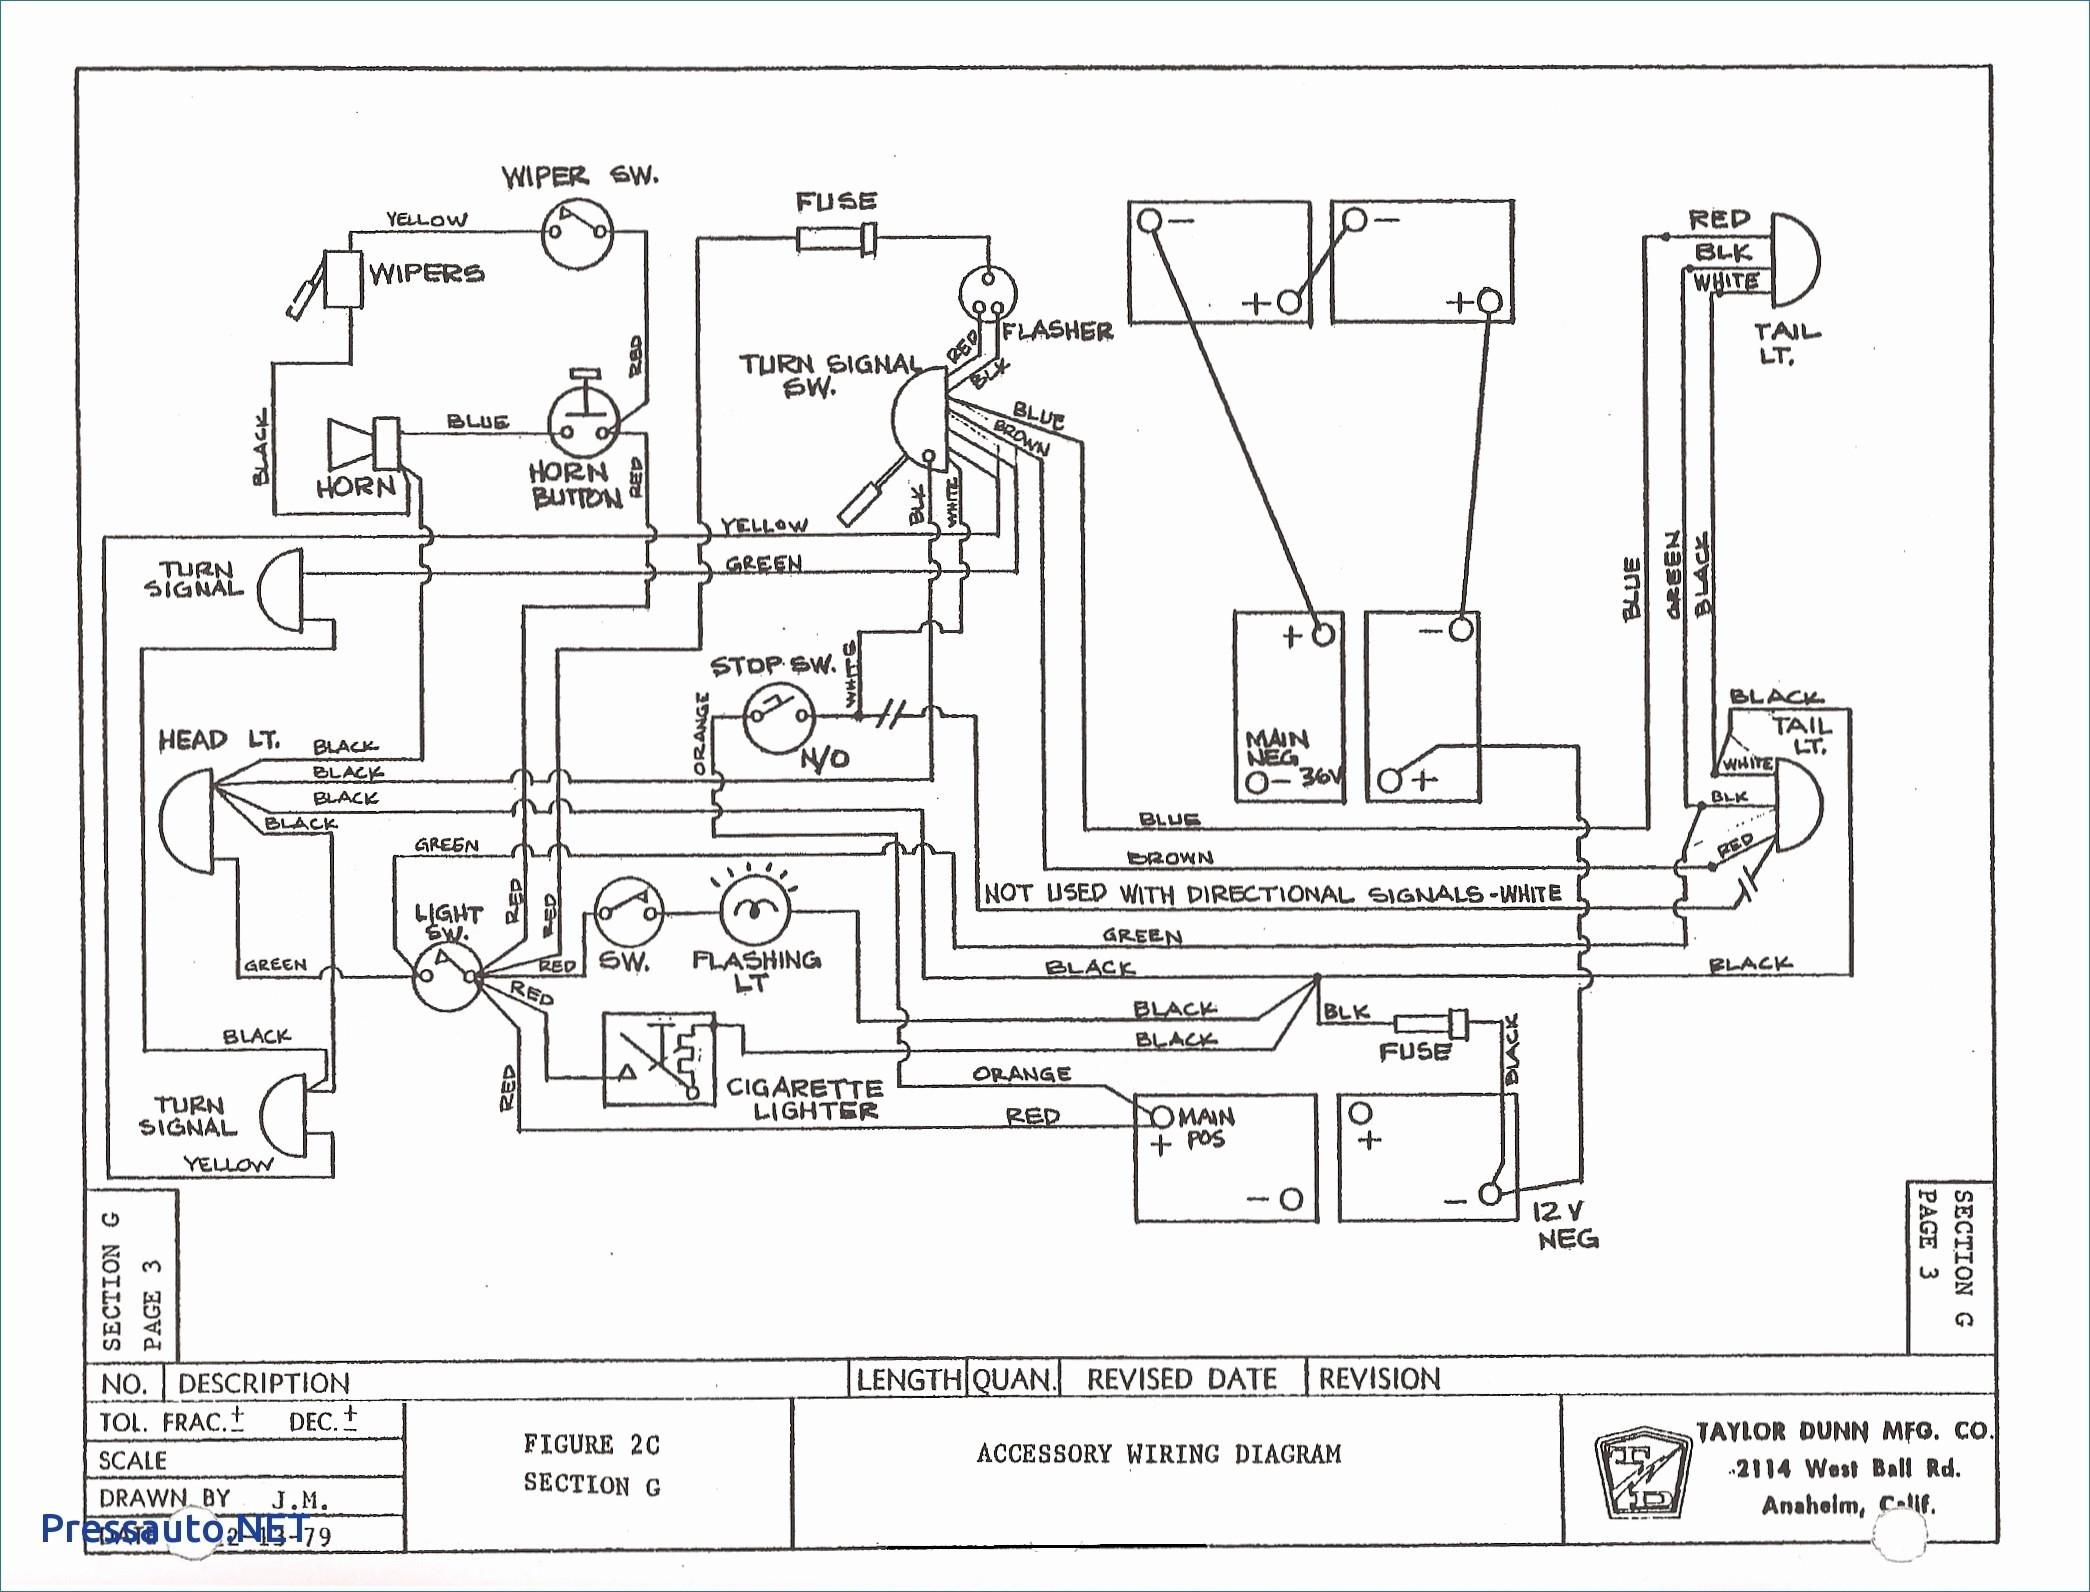 36 volt club car golf cart wiring diagram free wiring ezgo txt 48 wiring-diagram